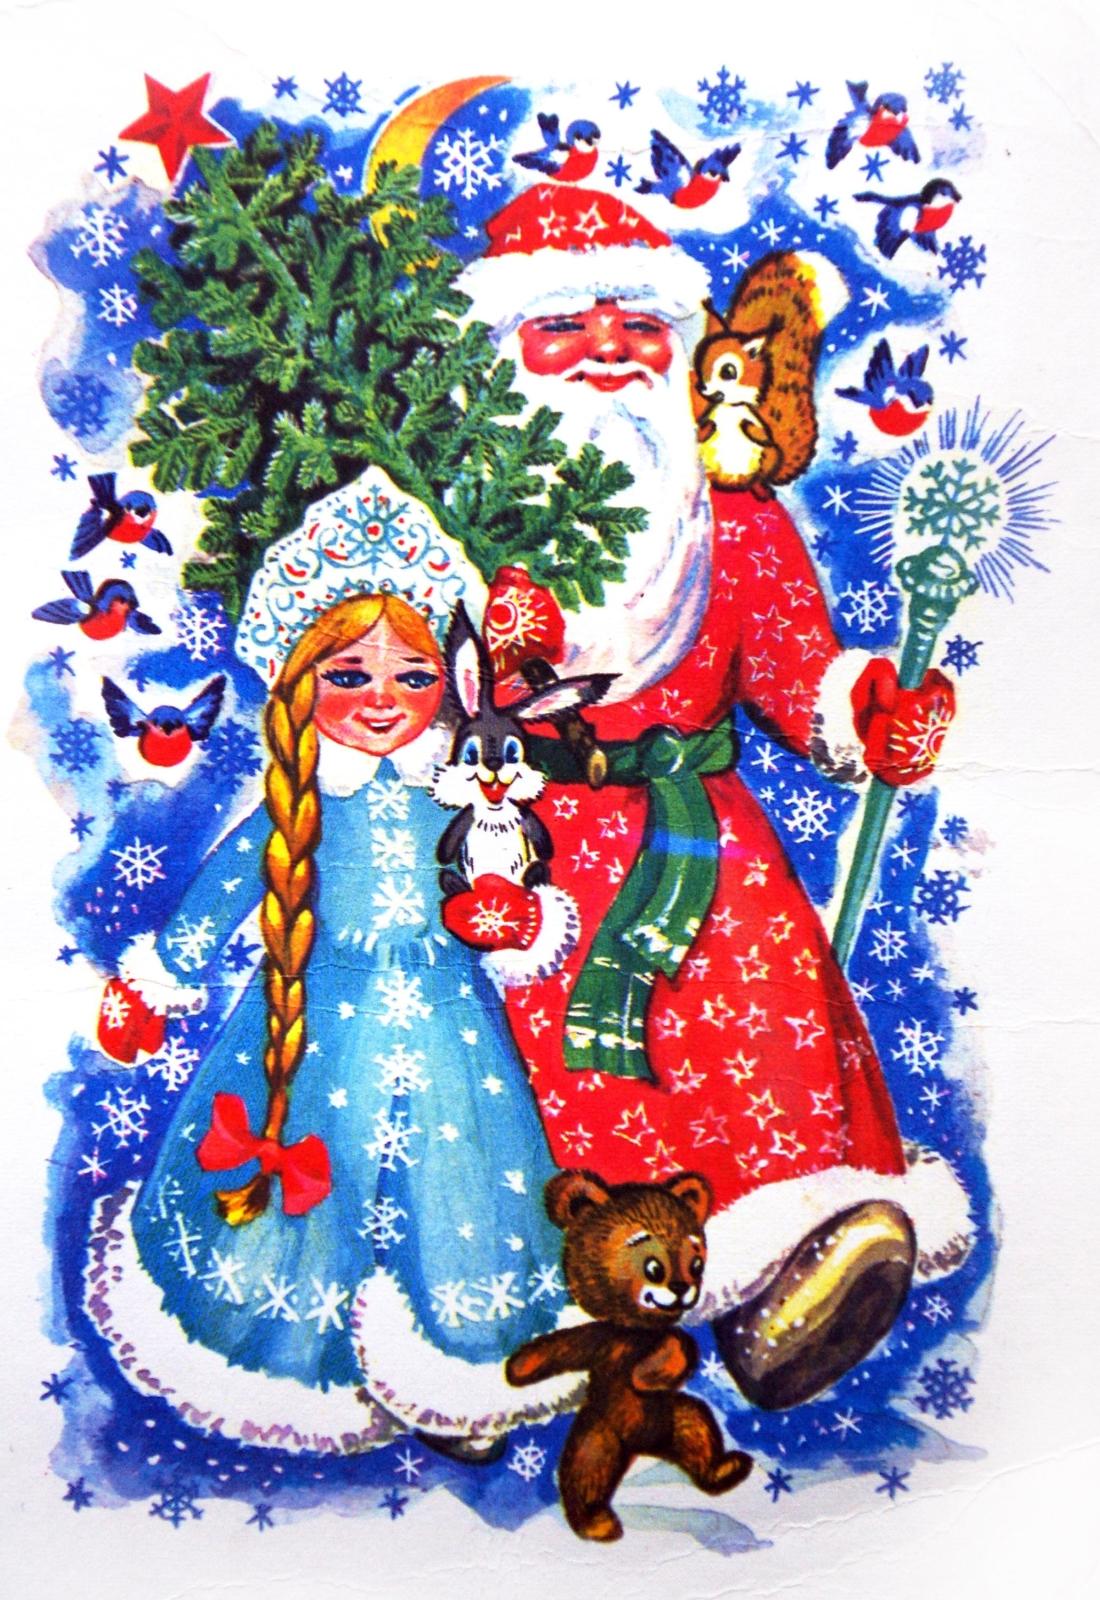 Дед мороз и снегурочка - картинка №13881   Printonic.ru